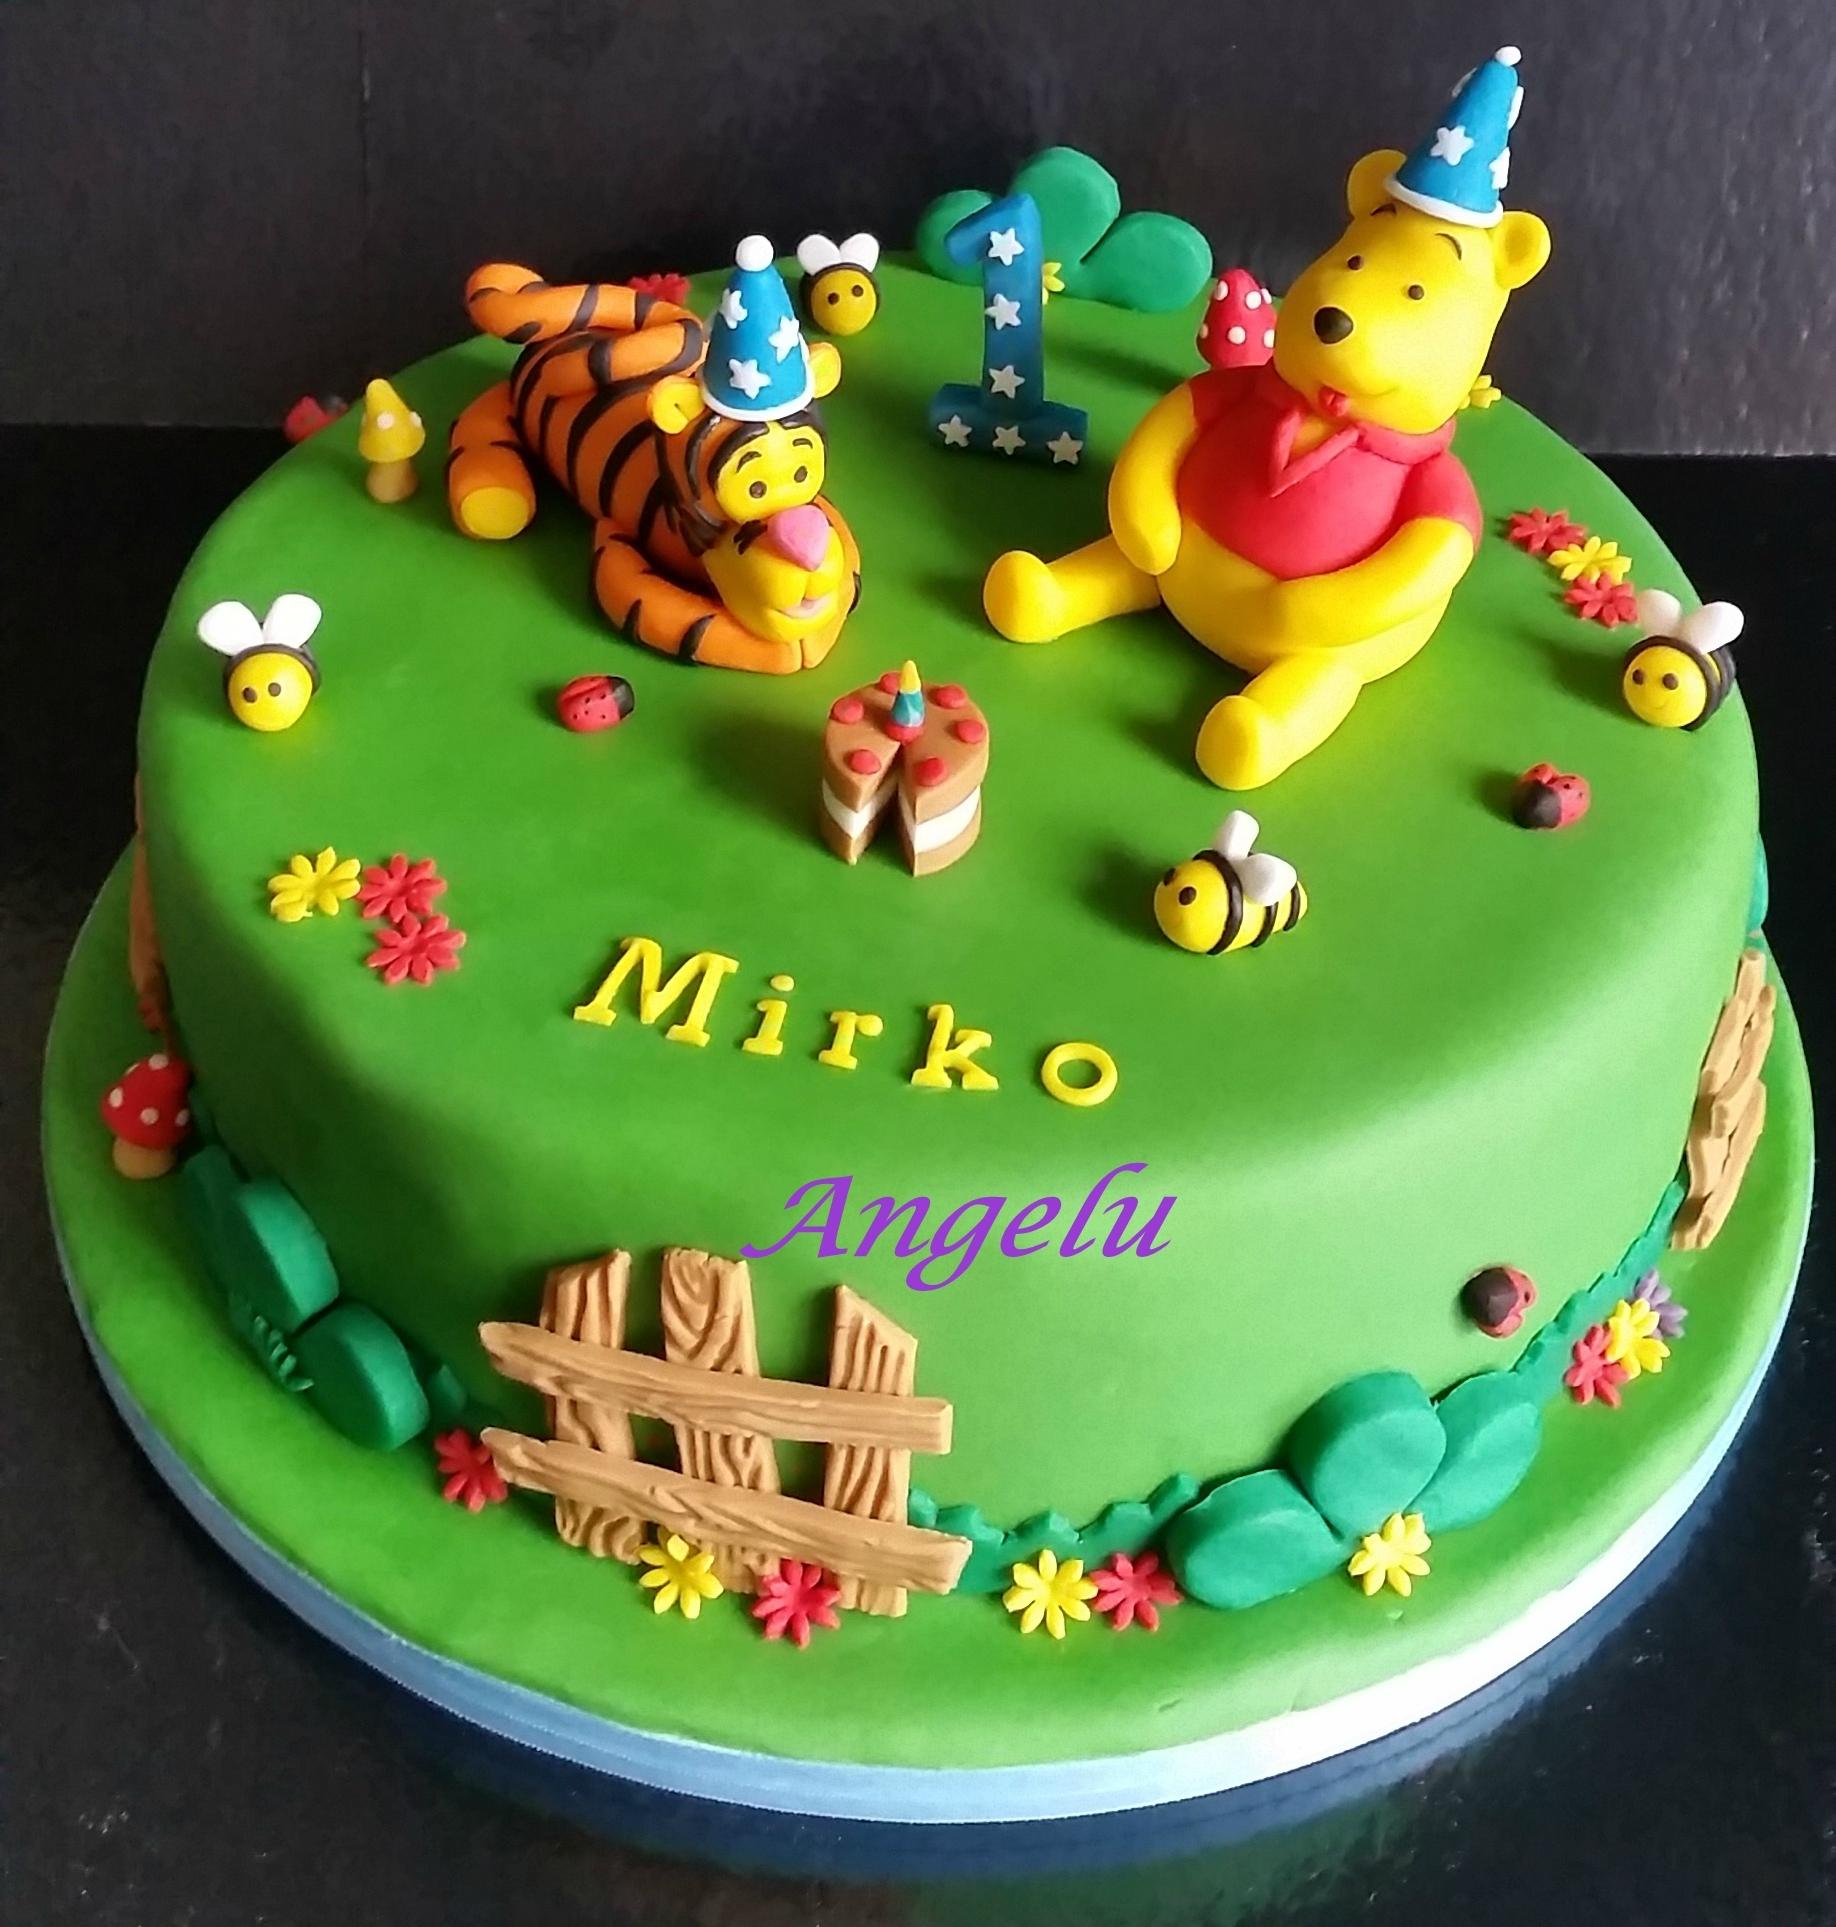 Gâteau Winnie Et Tigrou 1 An - Ma Petite Patisserie (Contact à Gateau Anniversaire Winnie L Ourson